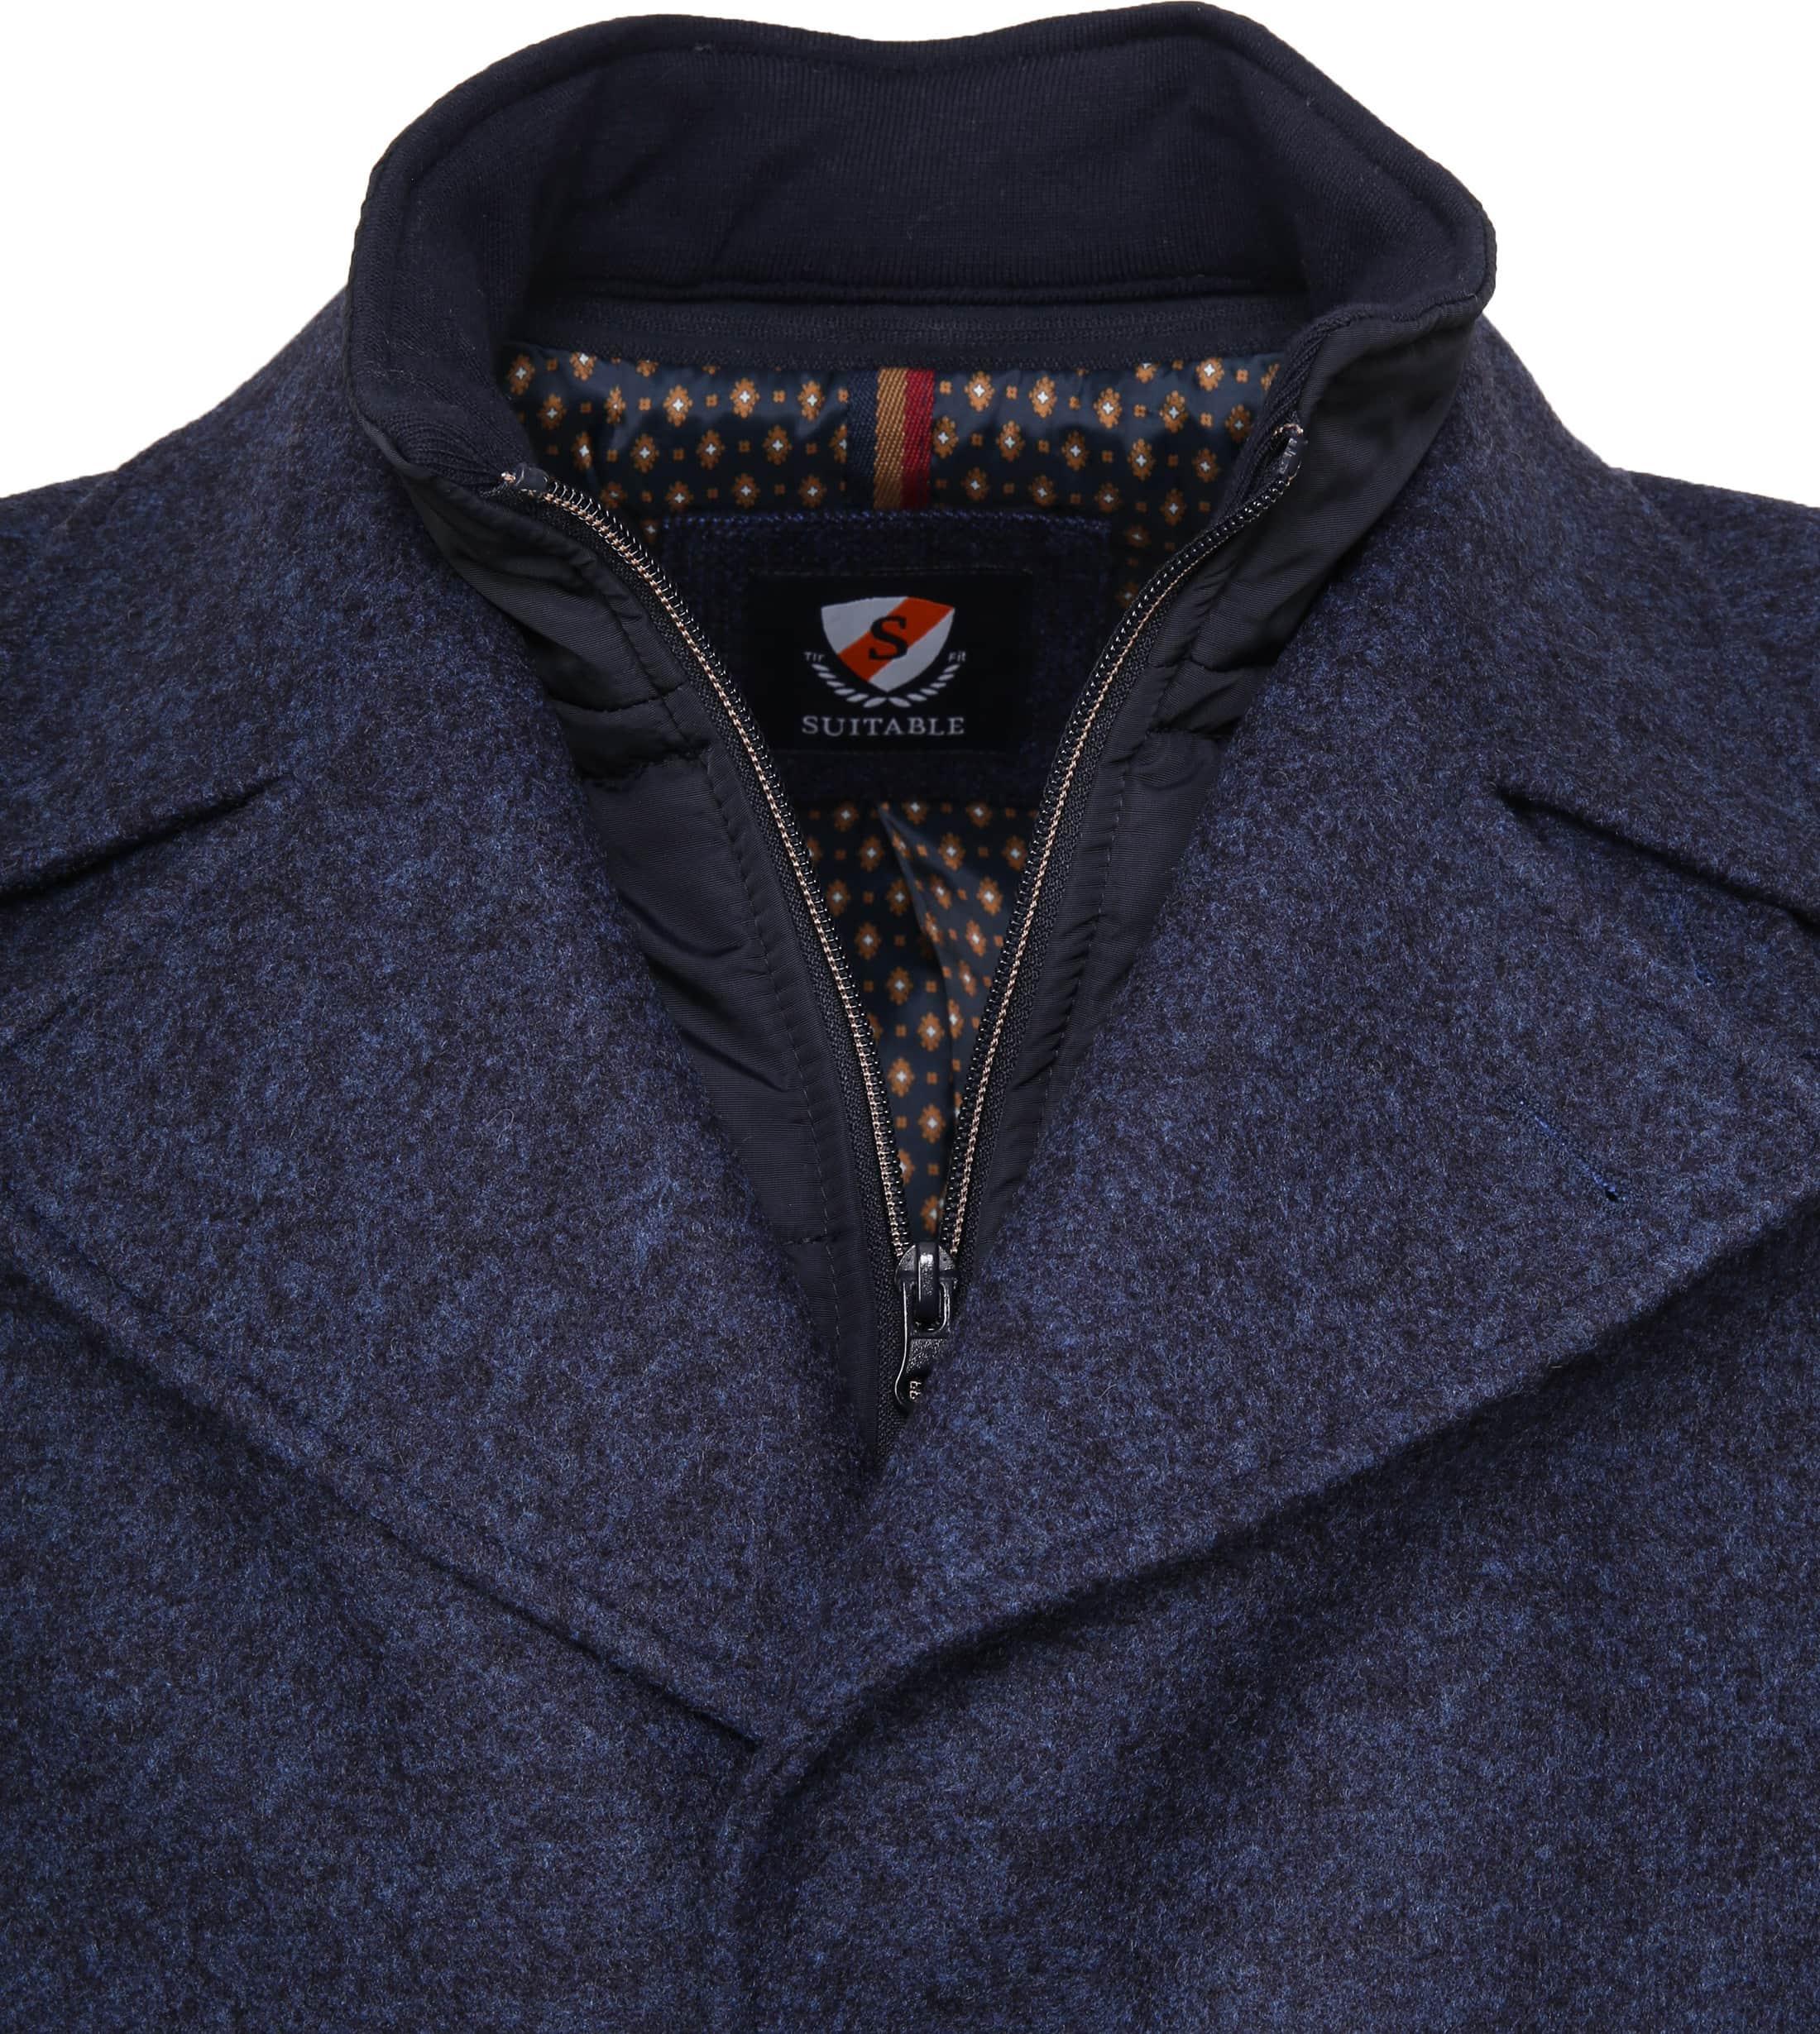 Suitable Turijn Coat Blauw foto 1